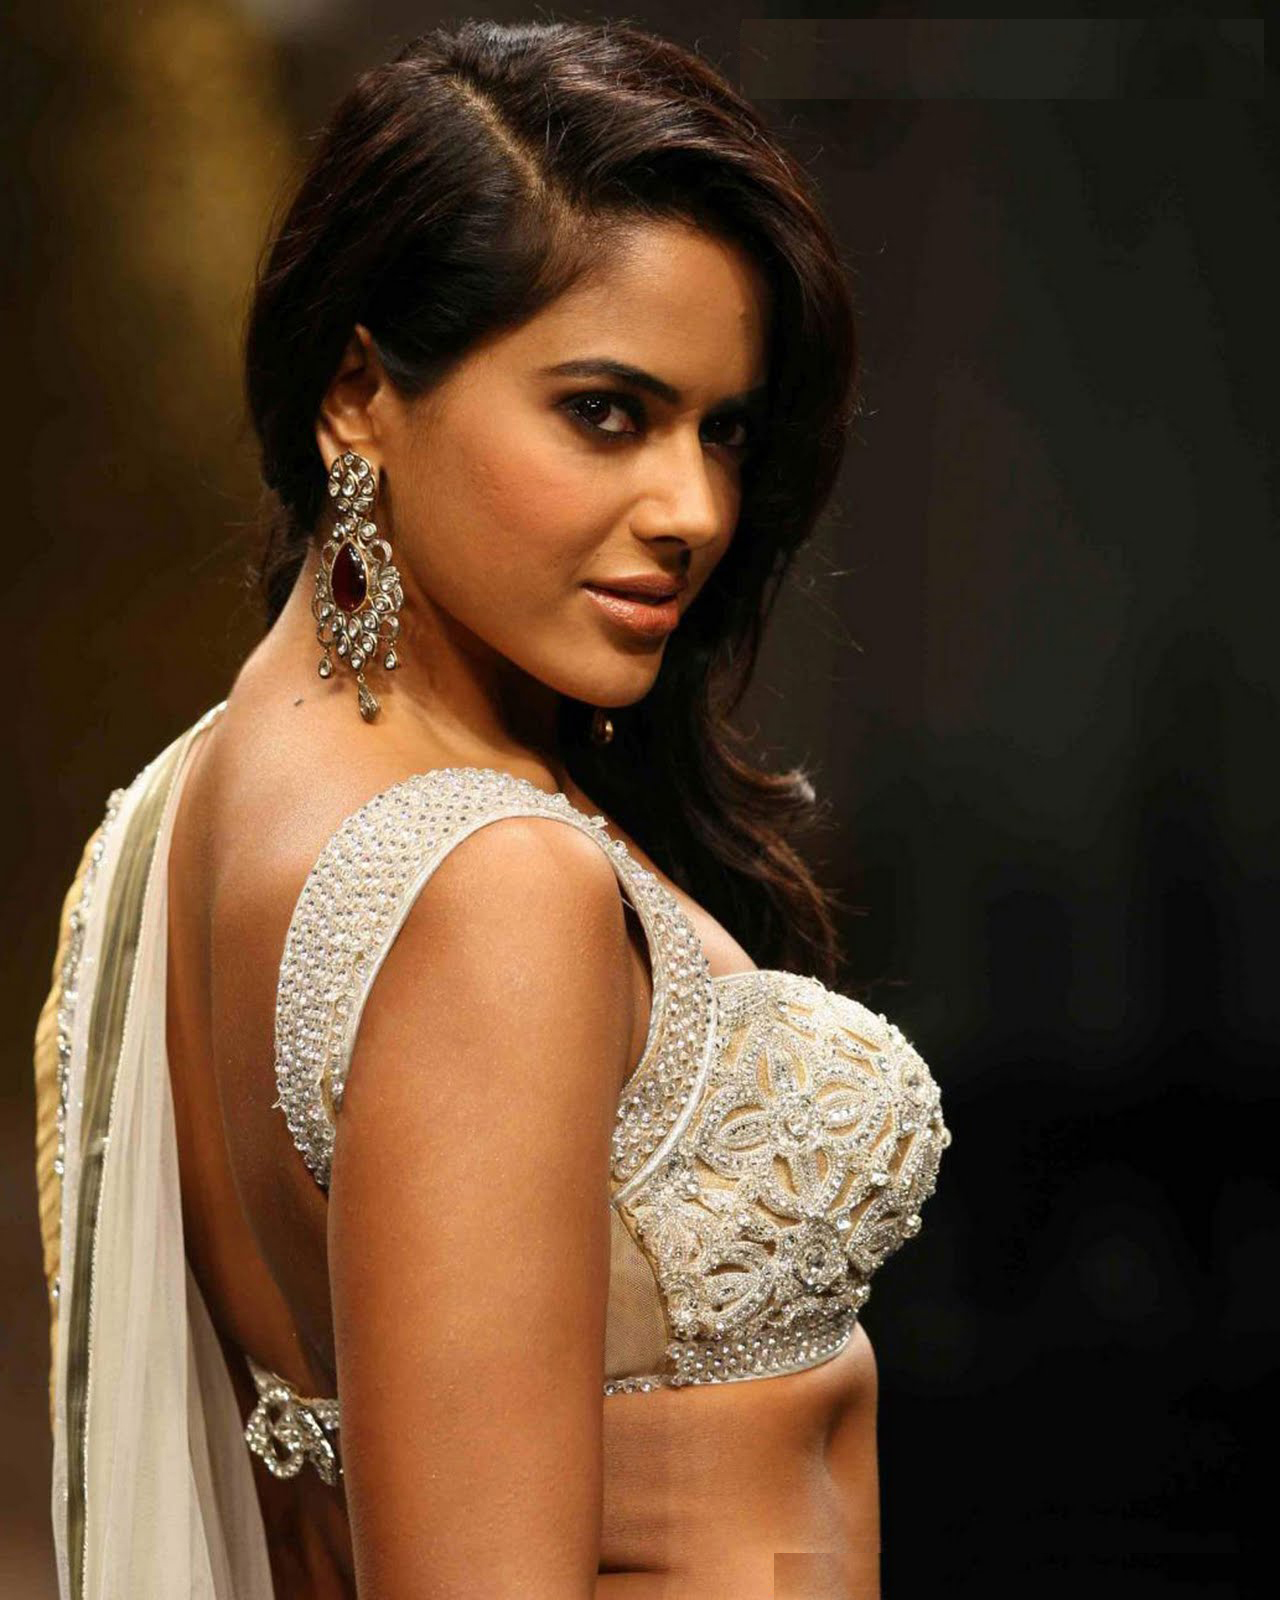 Hot Stills Of Cine Stars: Sameera Reddy Hot Boobs Show Stills